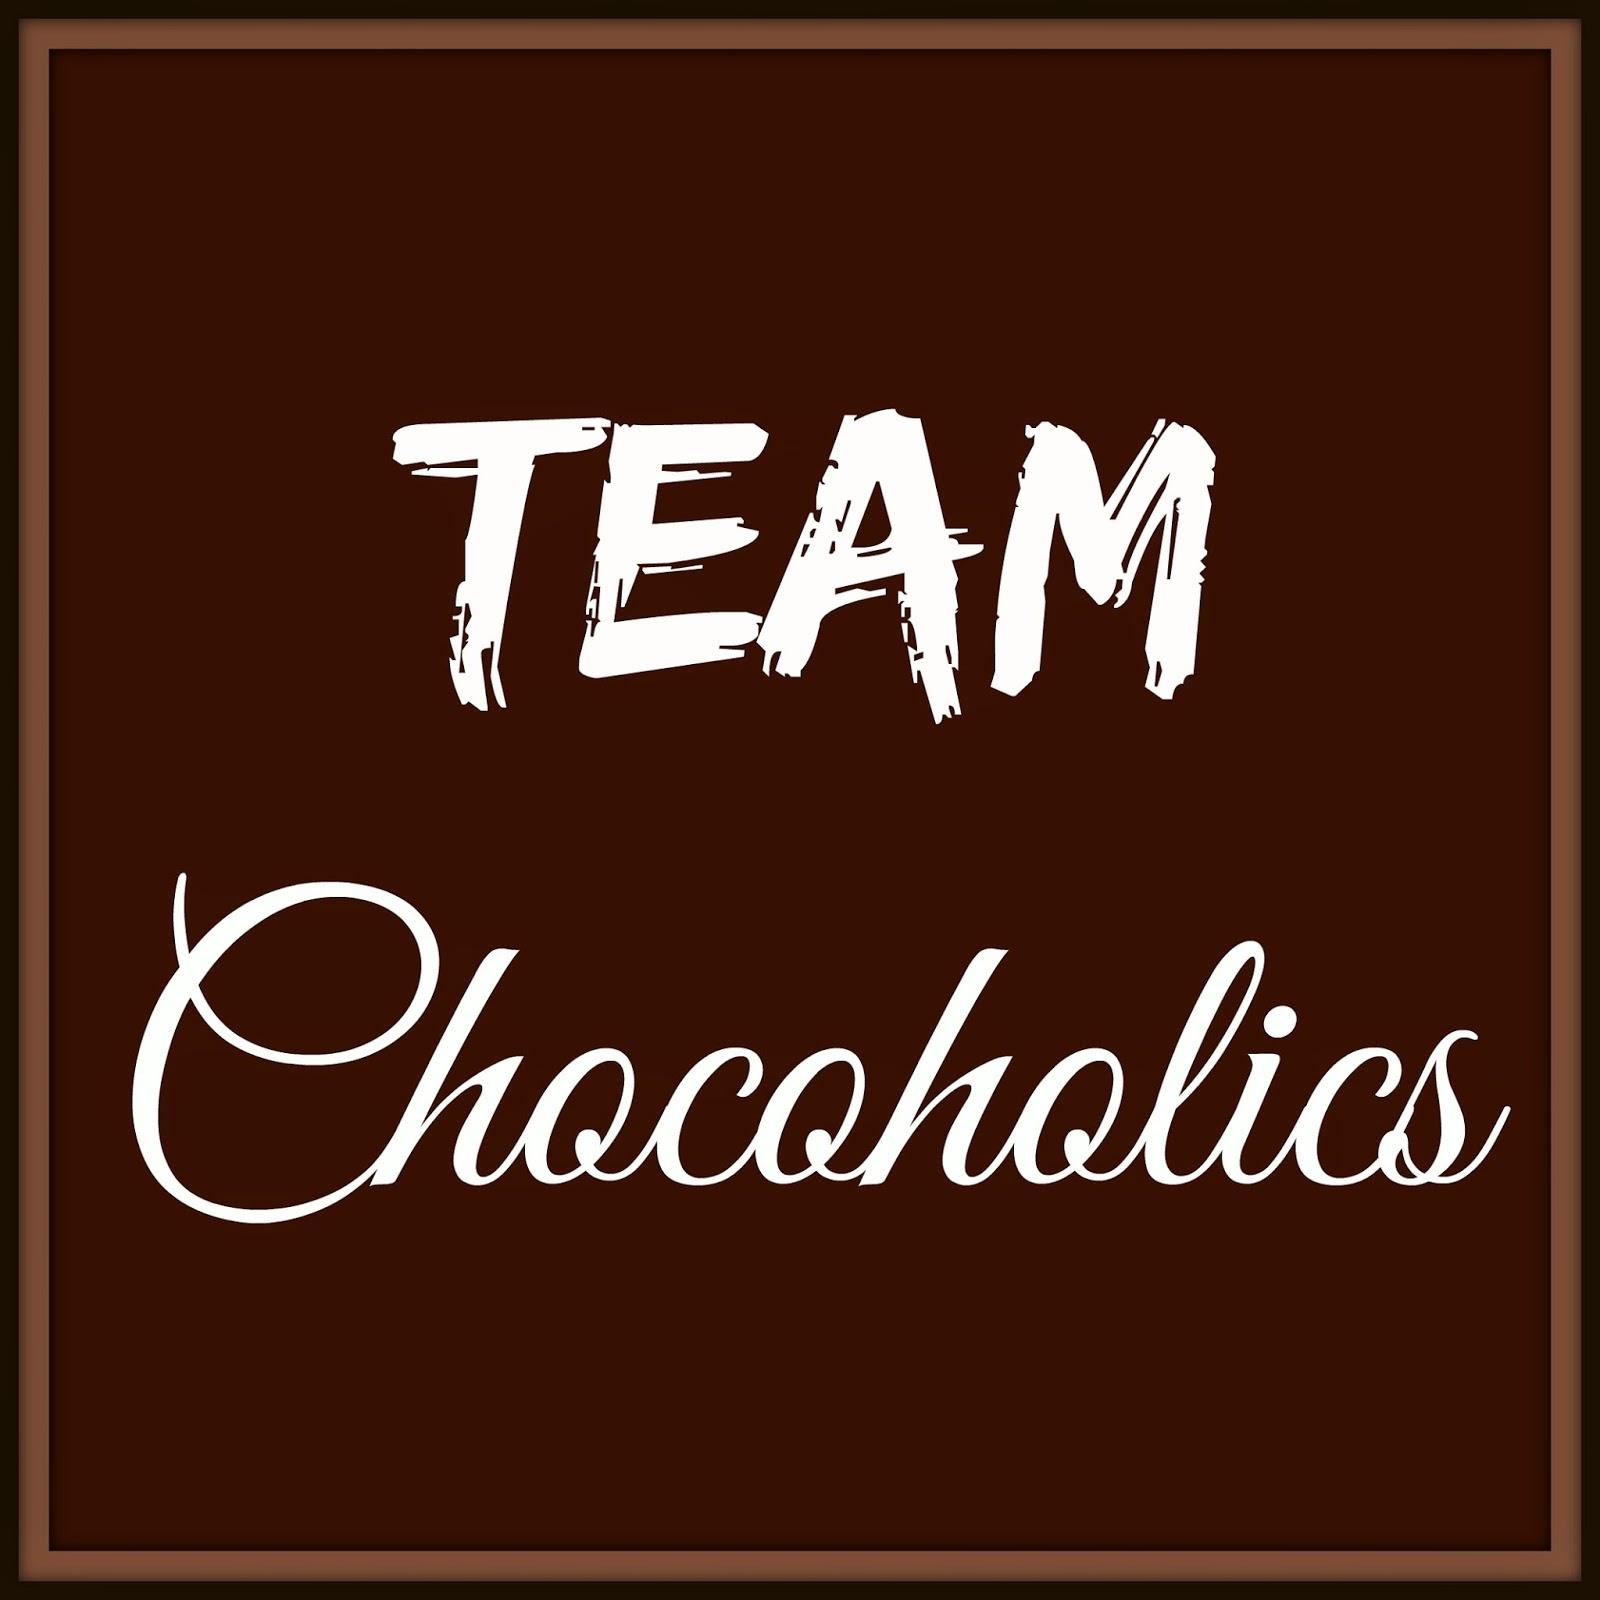 http://neda.nationaleatingdisorders.org/goto/chocoholics-kimberly